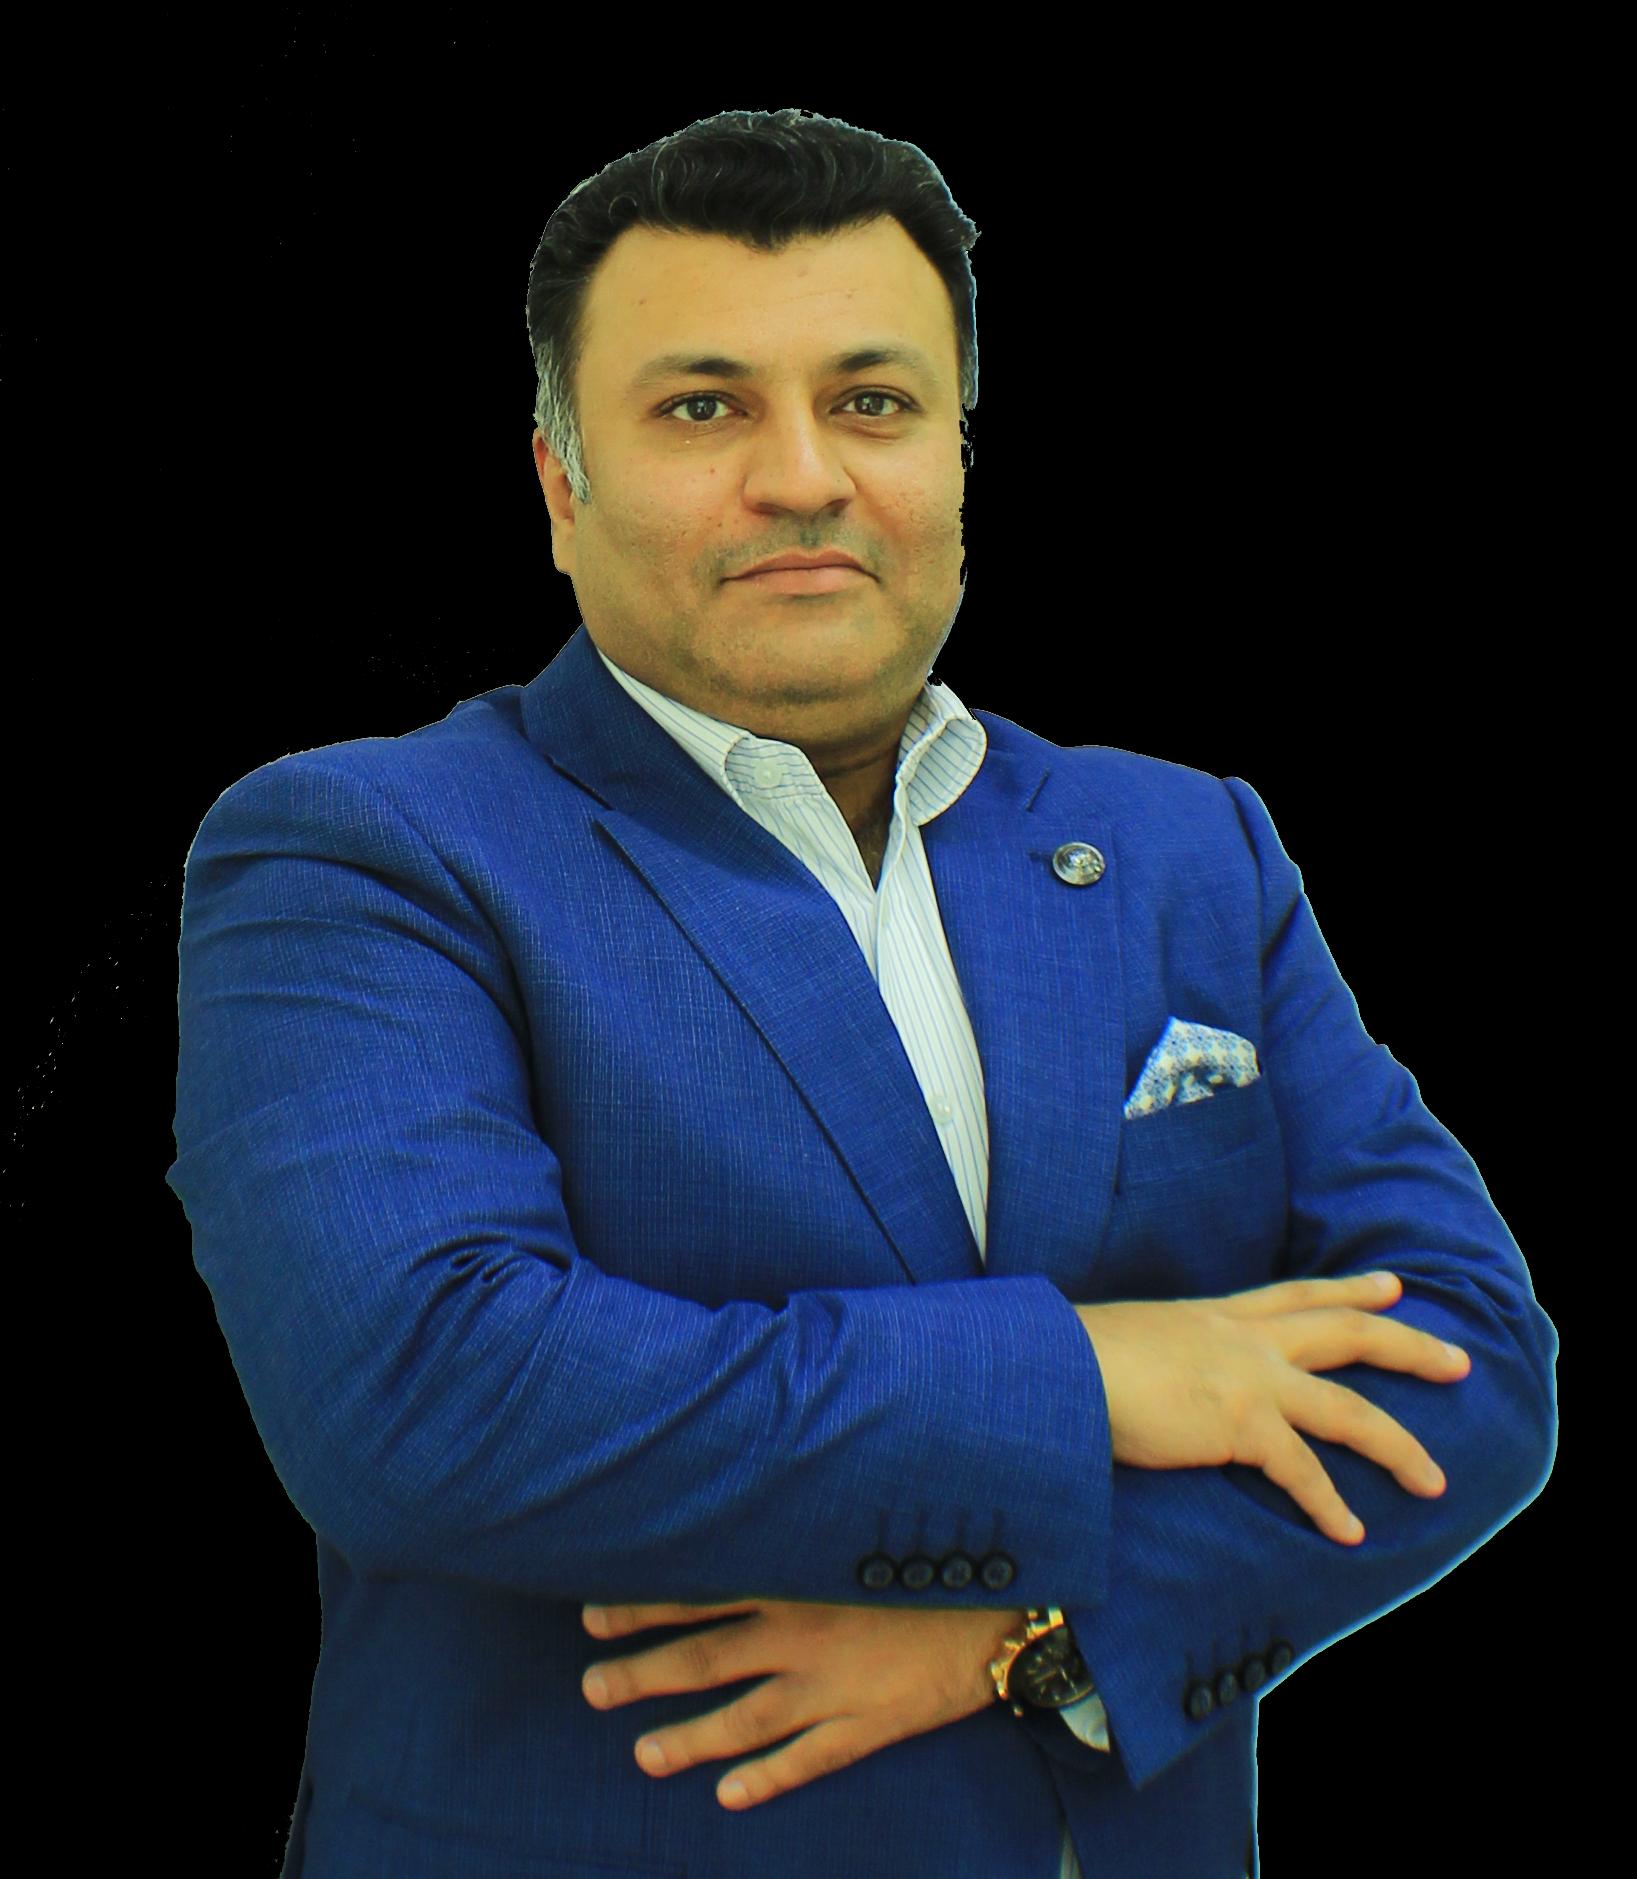 Sameer Bhat